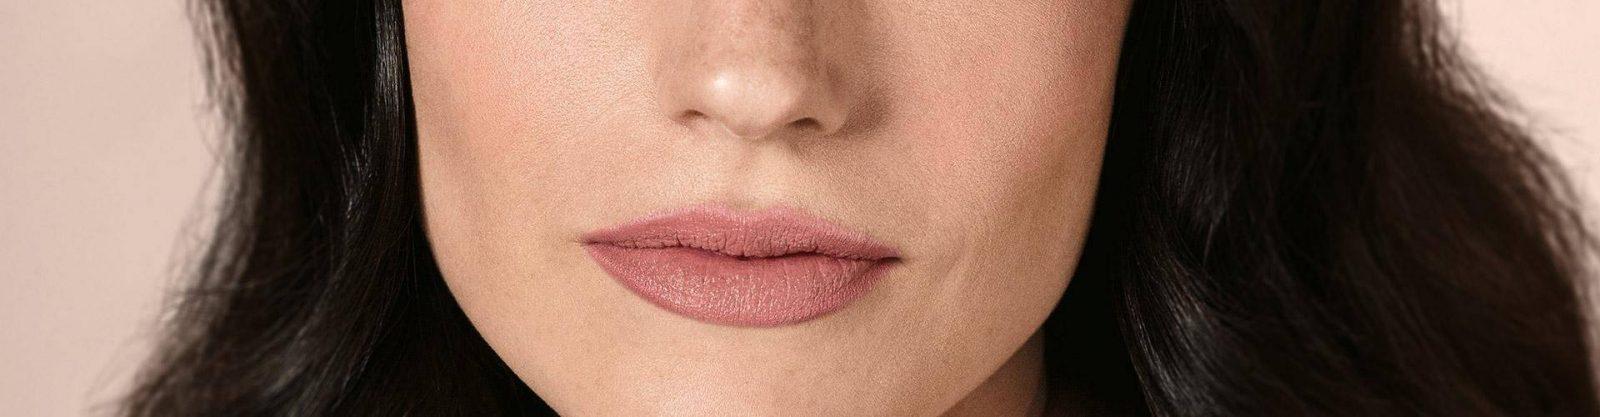 Boca pequena truques para aumentar os lábios com batom